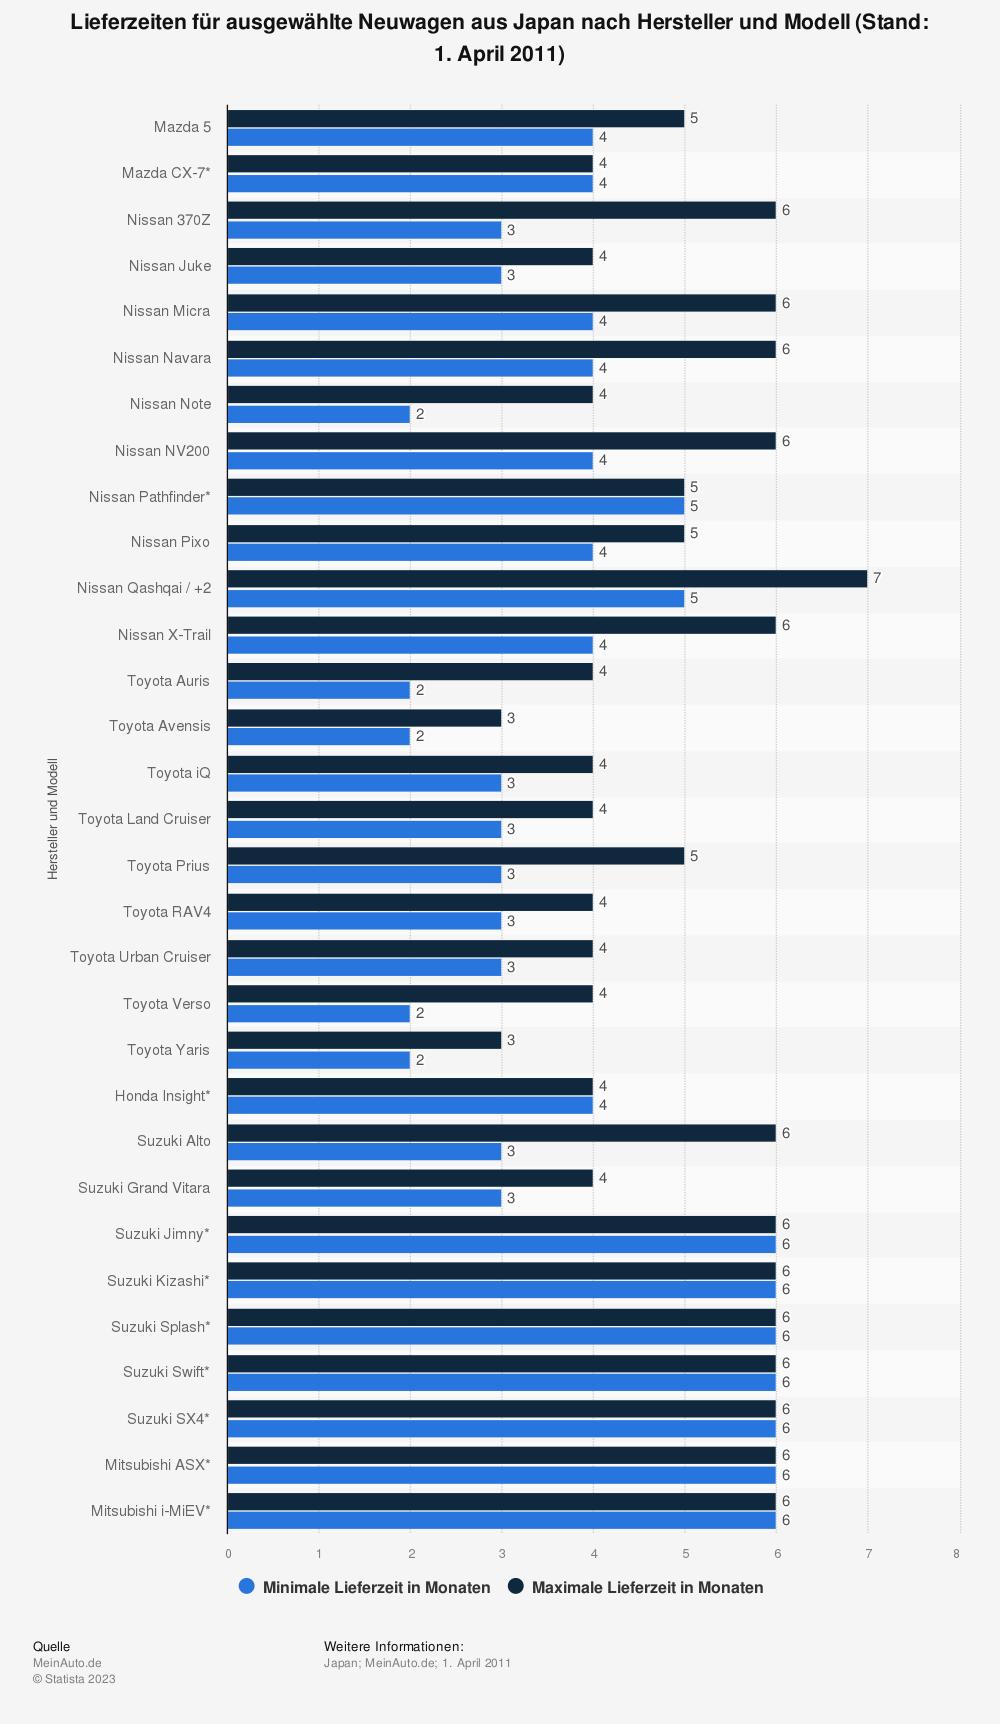 Statistik: Lieferzeiten für ausgewählte Neuwagen aus Japan nach Hersteller und Modell (Stand: 1. April 2011)  | Statista